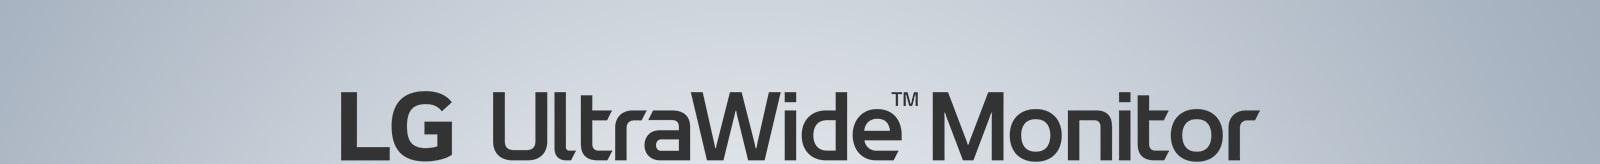 LG UltraWide screen ™